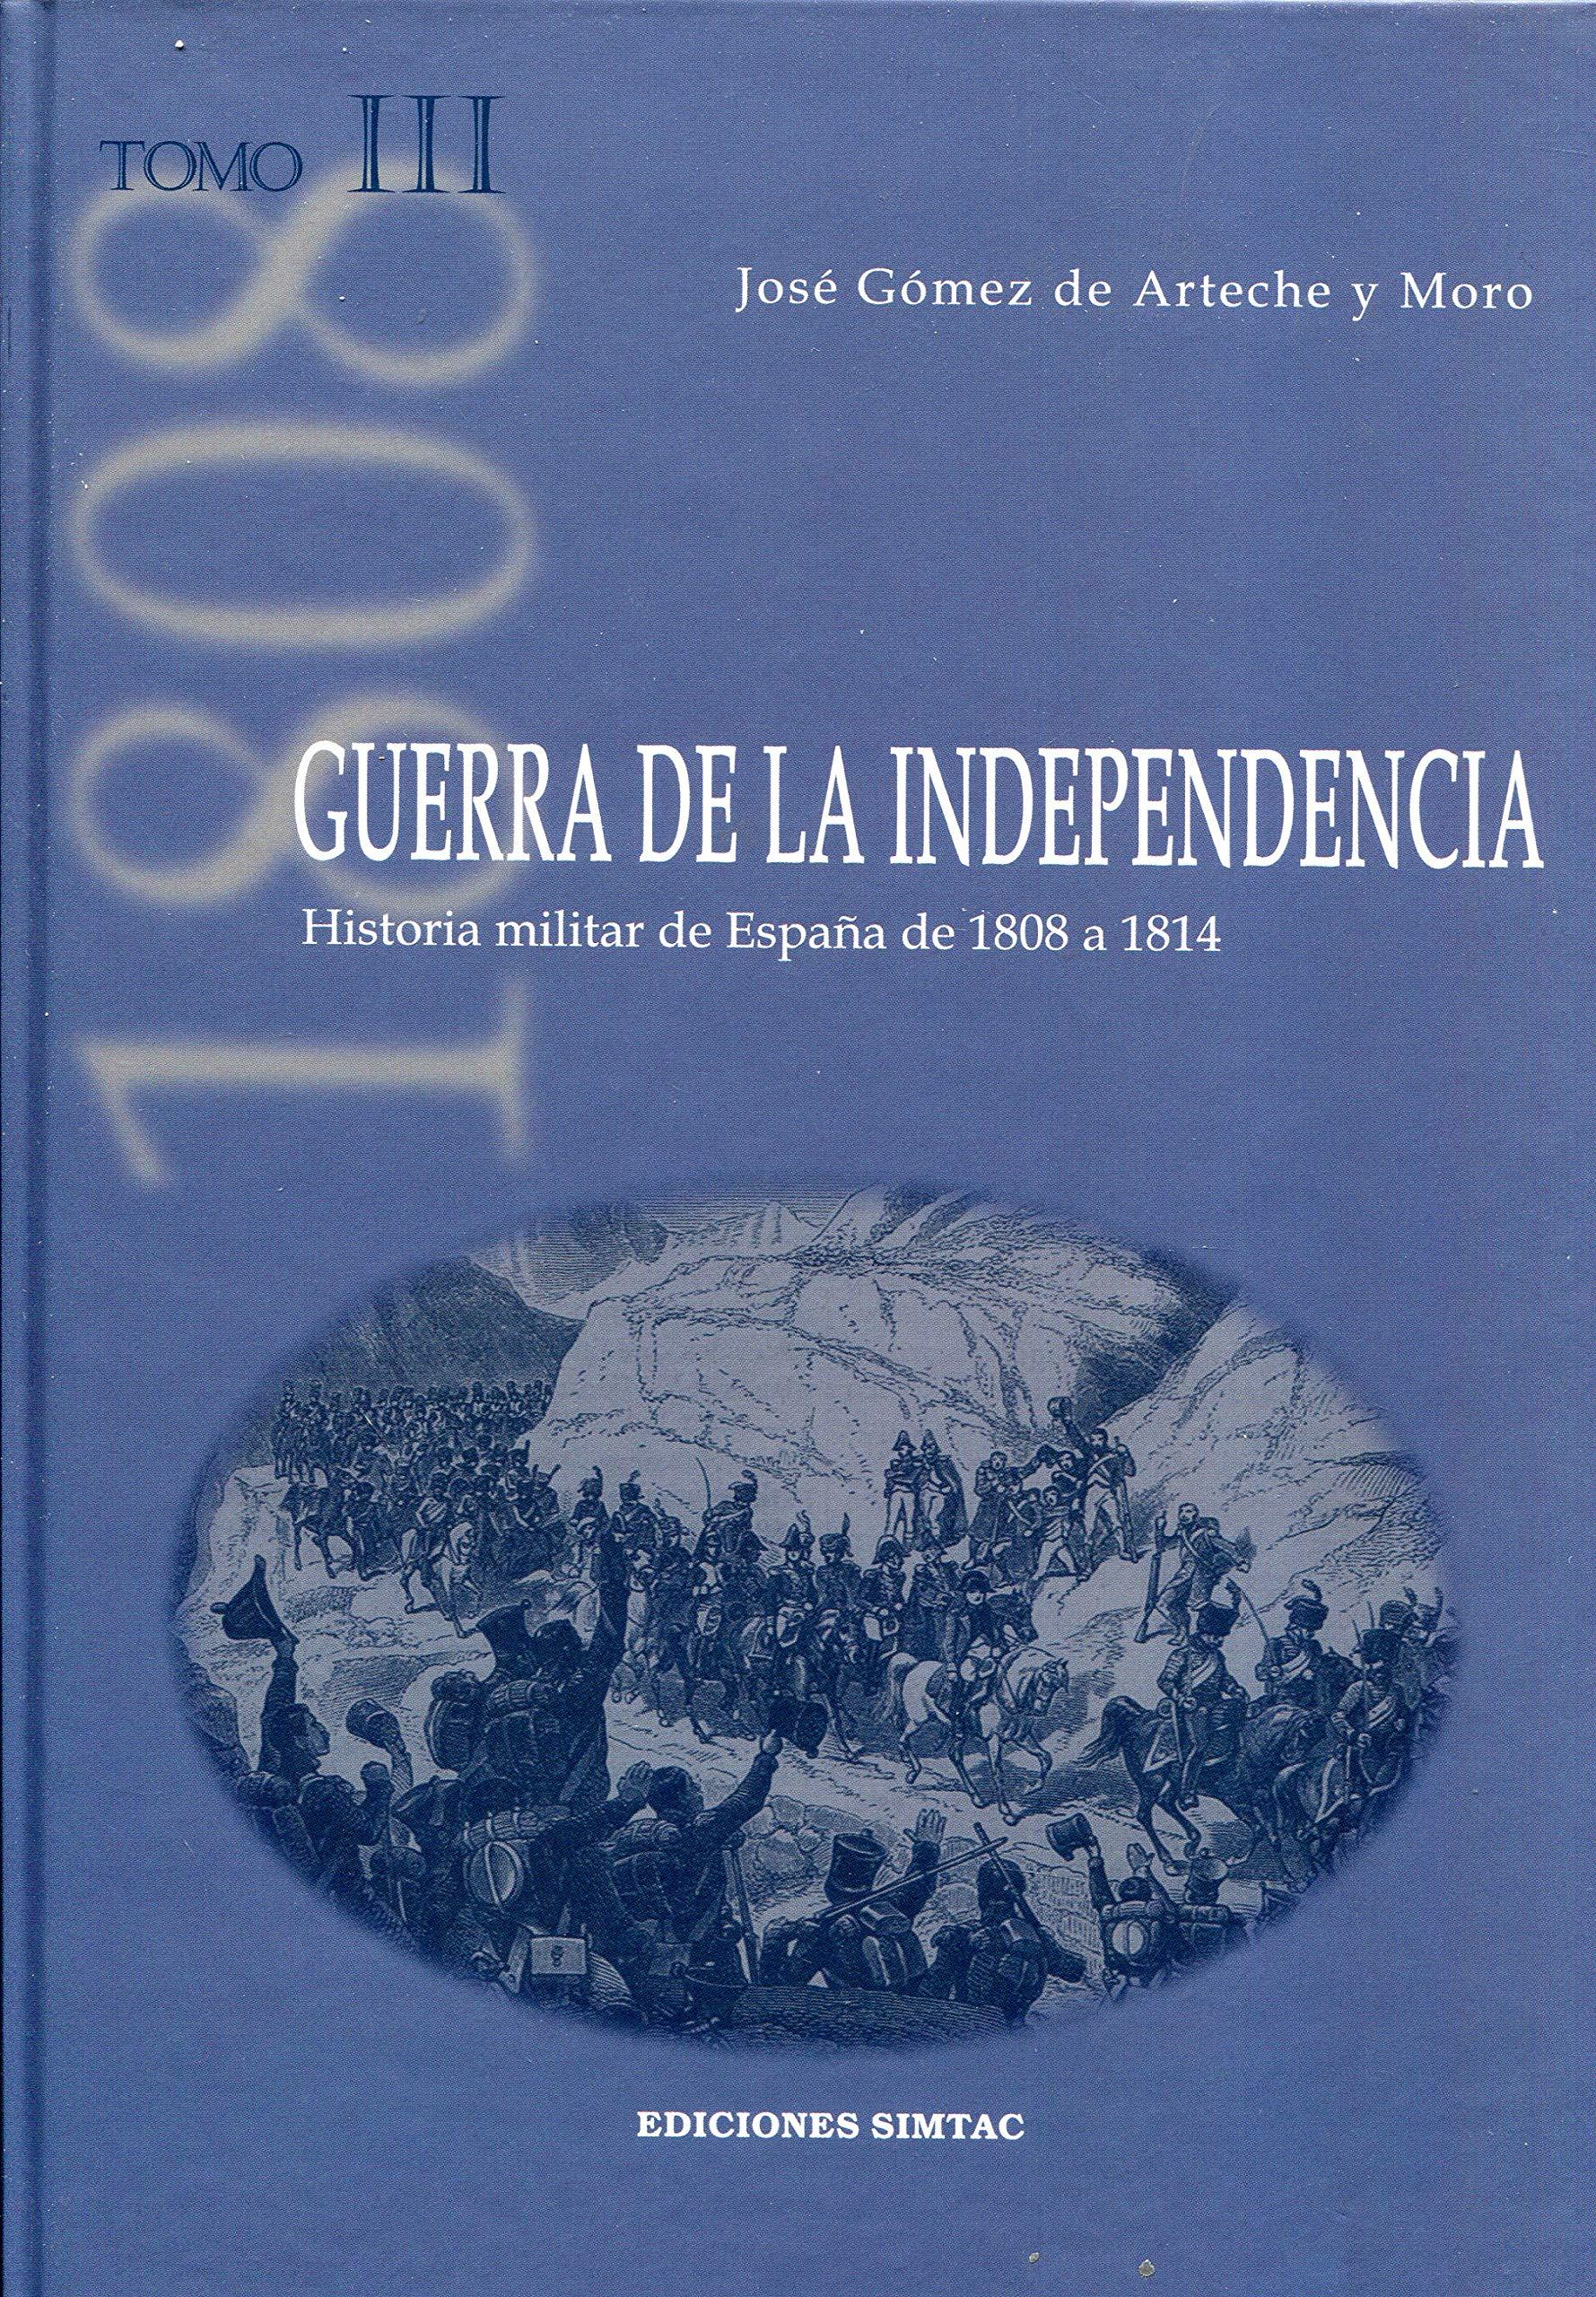 Guerra de la Independencia: Historia militar de España de 1808 a 1814: 3: Amazon.es: Gómez de Arteche y Moro, José: Libros